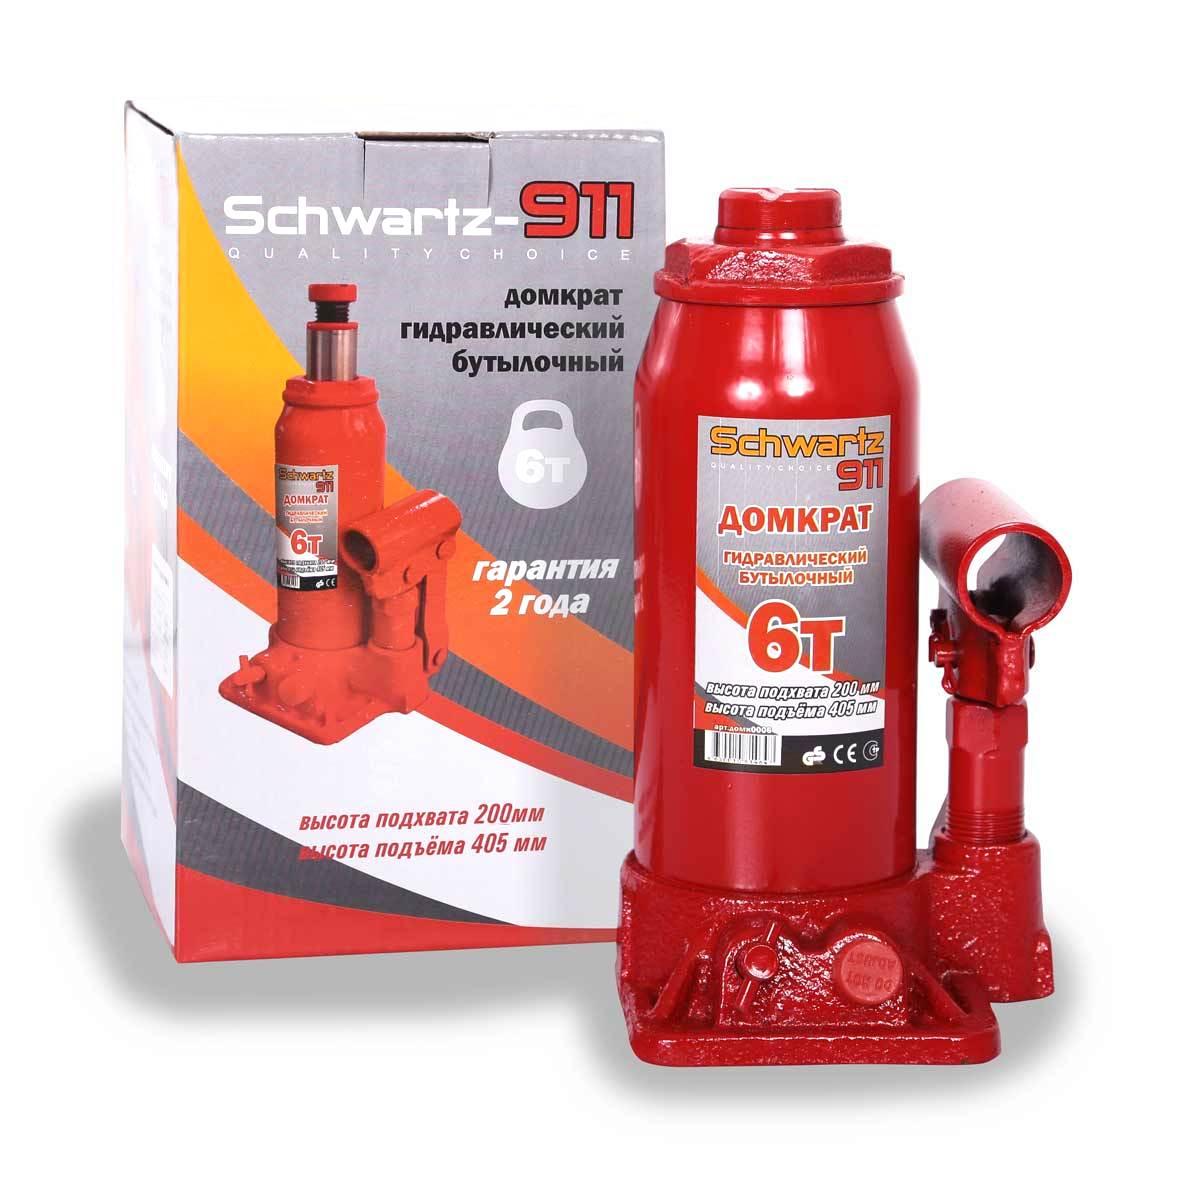 Домкрат Schwartz-911